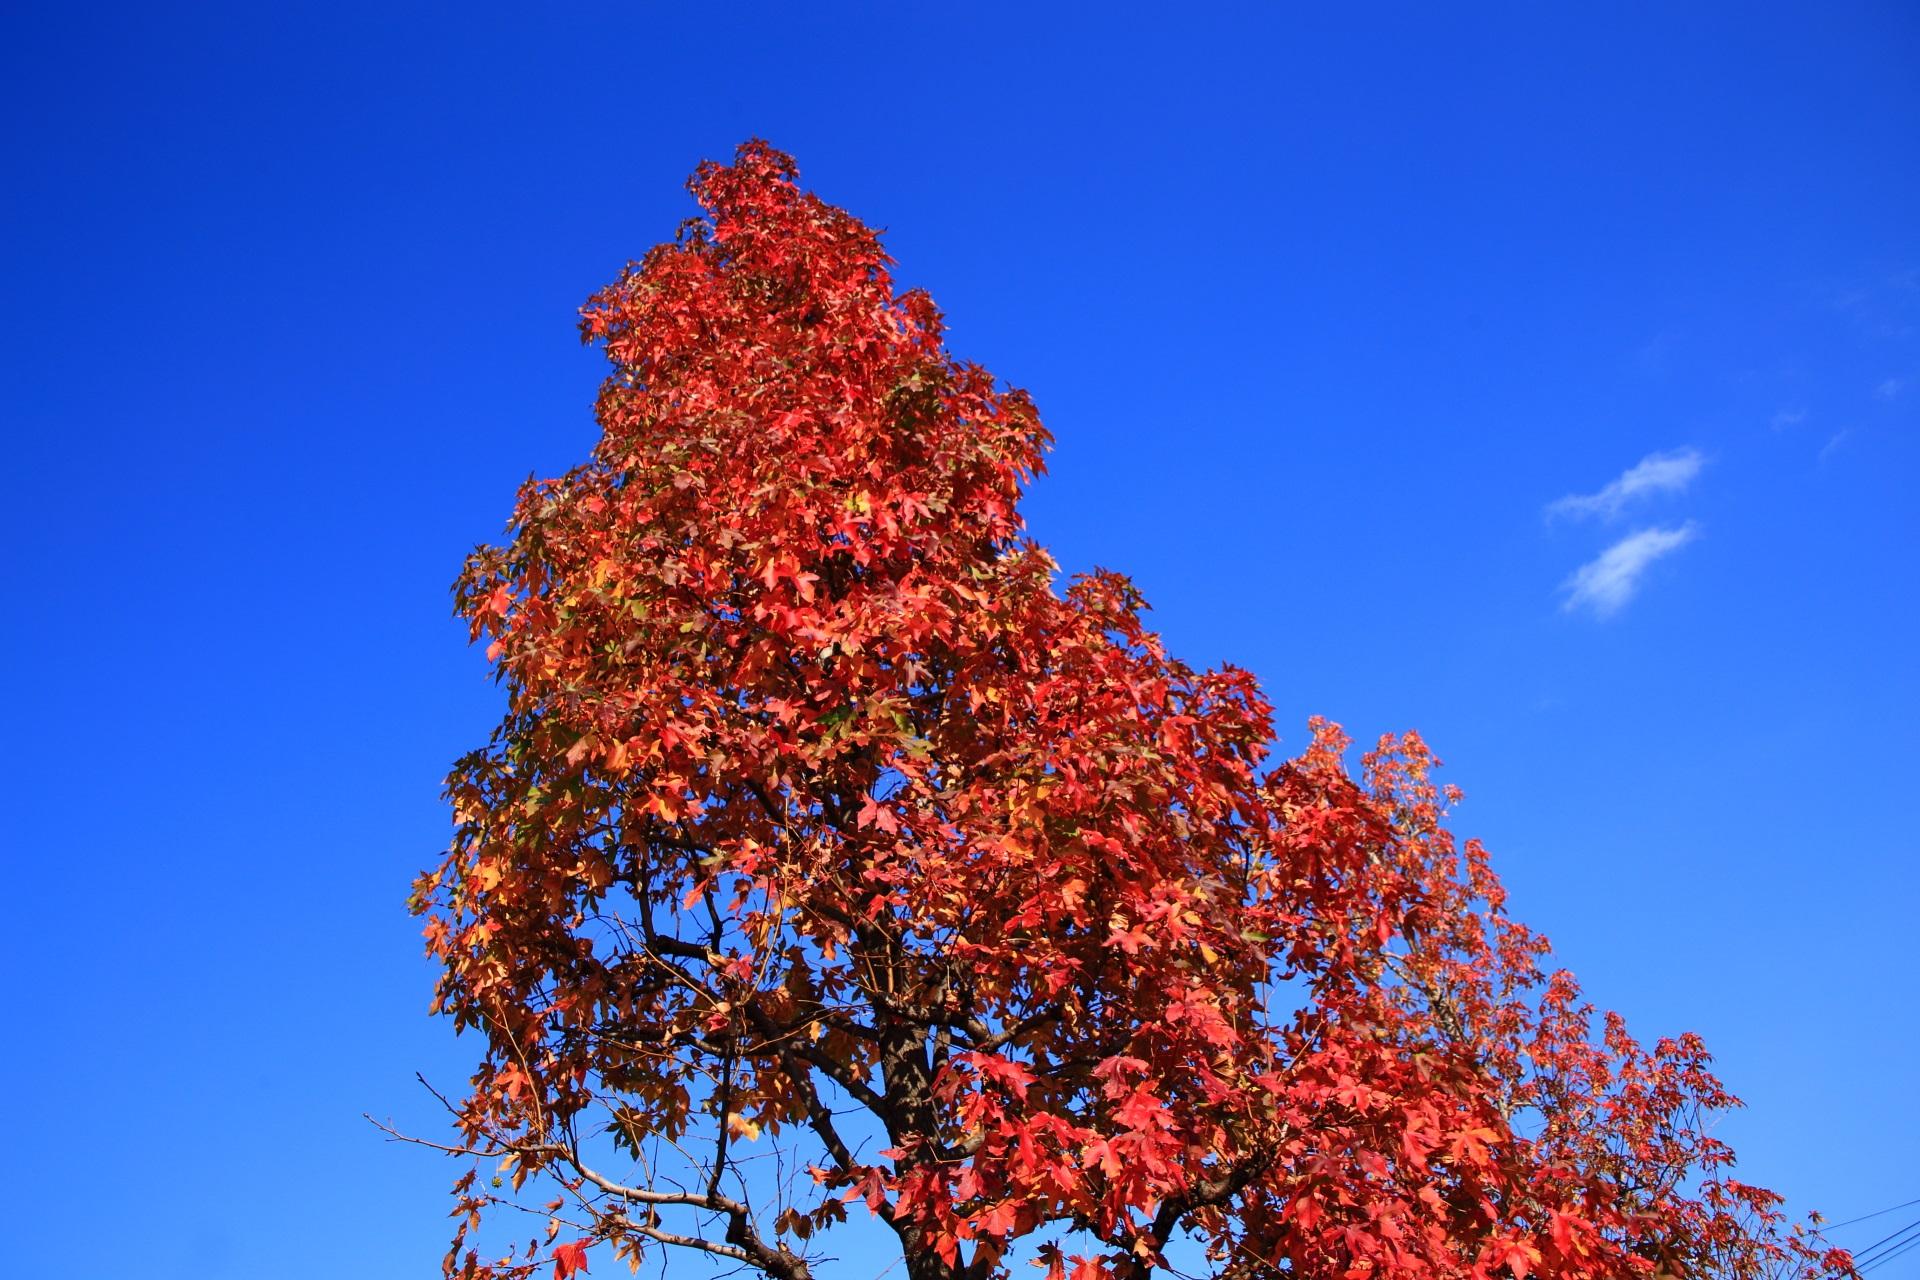 太陽を浴びて煌びやかに青空を彩る街路樹の紅葉